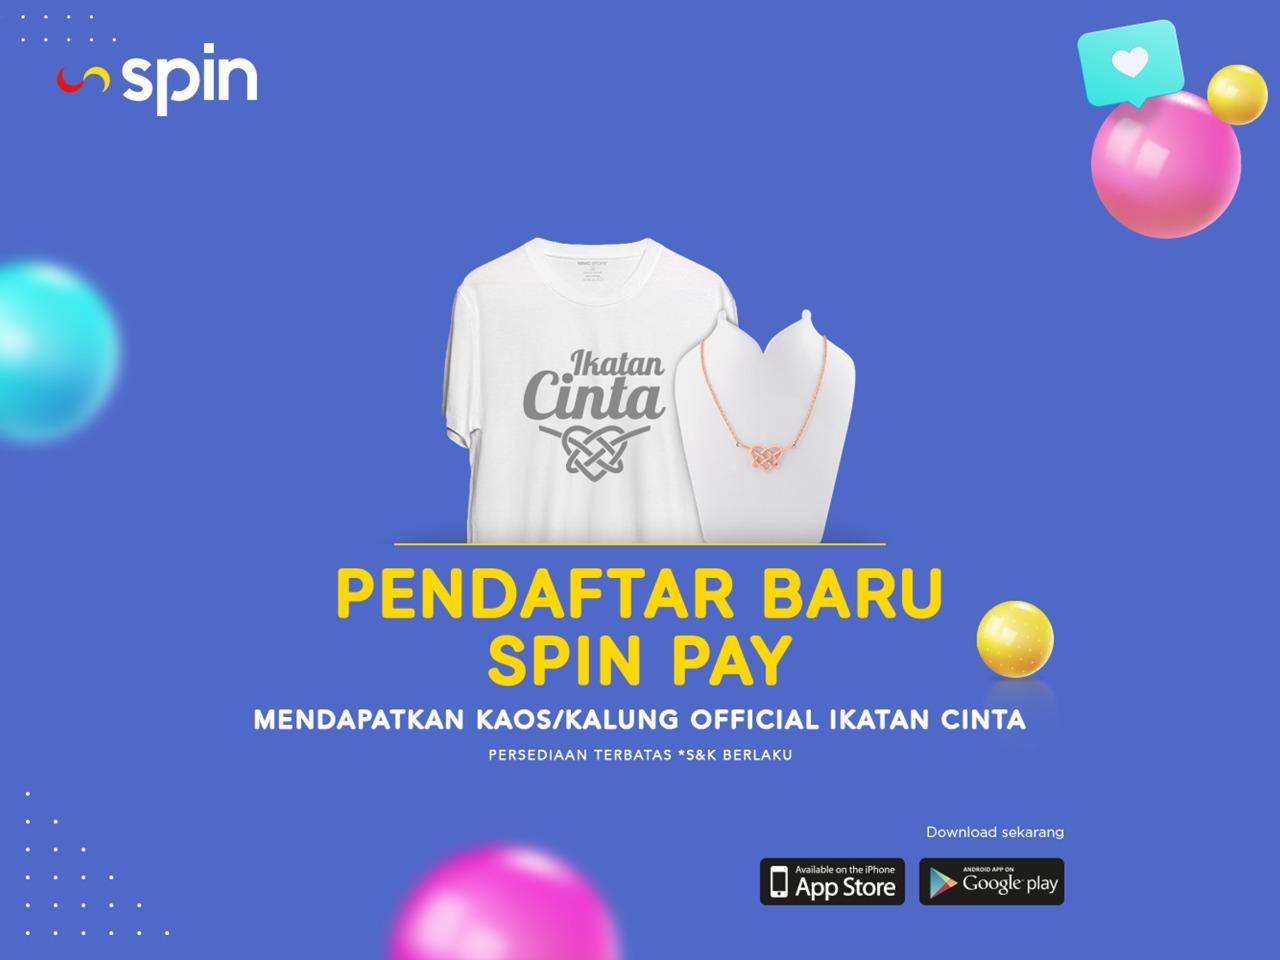 Heboh Spin Pay Bagi Bagi Official Merchandise Ikatan Cinta Untuk Pendaftar Baru Okezone Economy